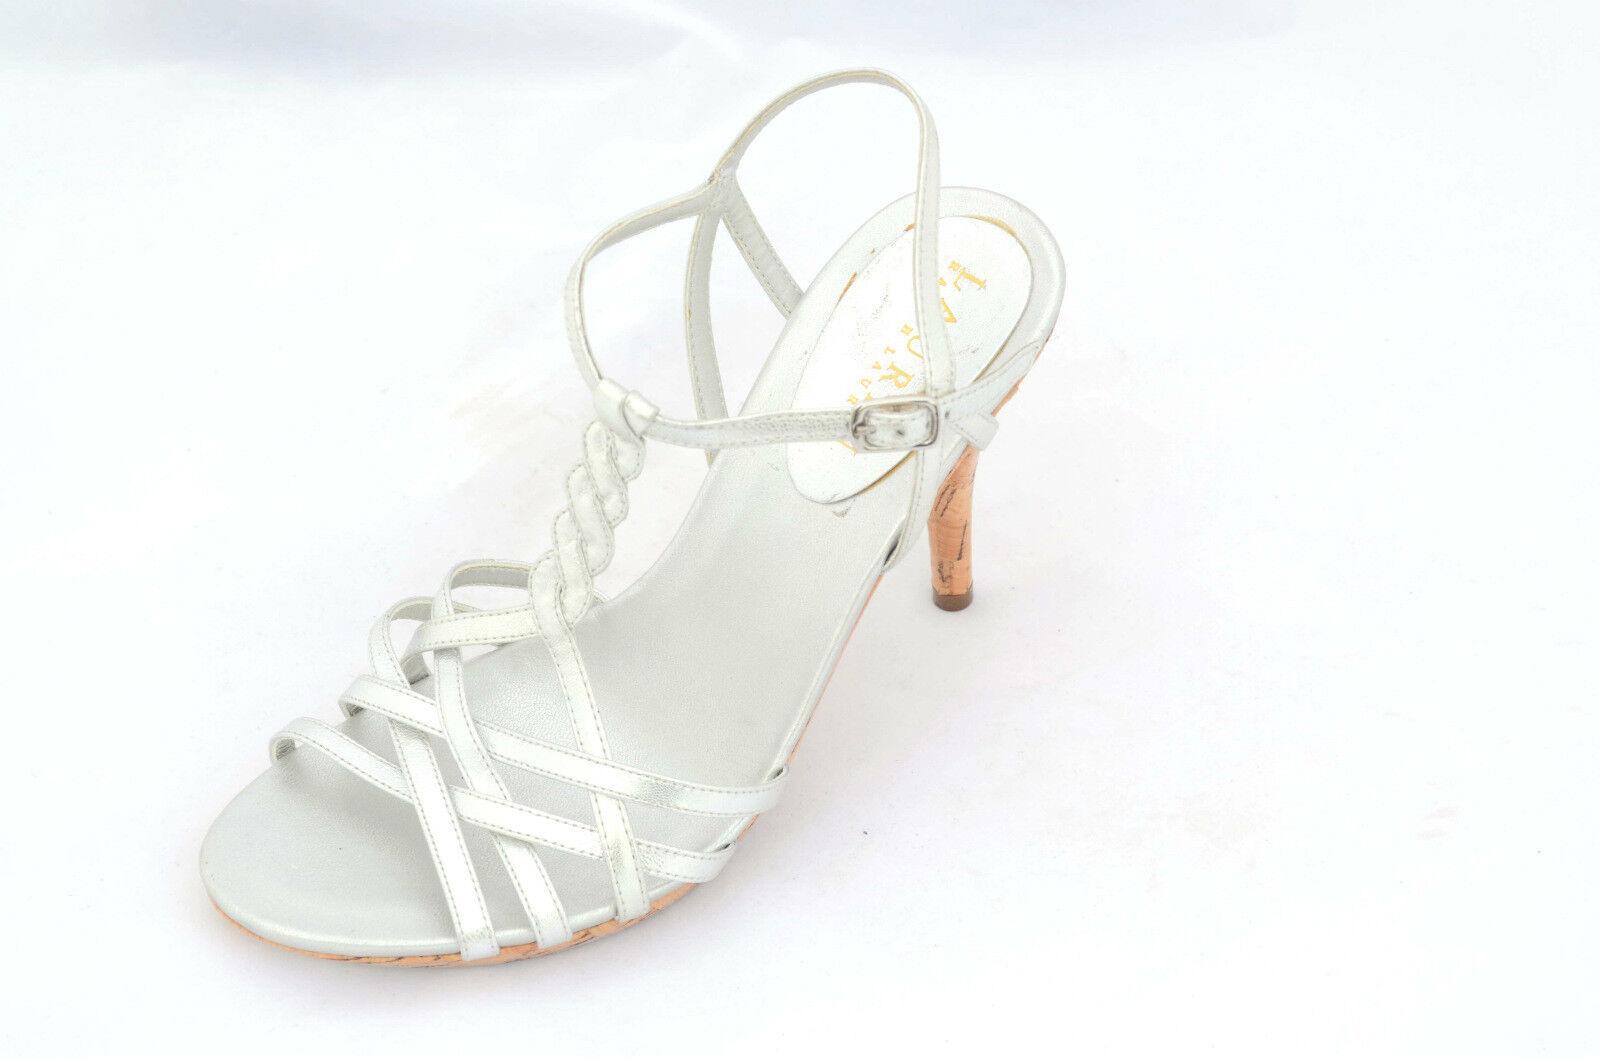 Ralph Lauren para Mujer con Tiras Sandalia Metálico Piel de cabritilla Plata 6M